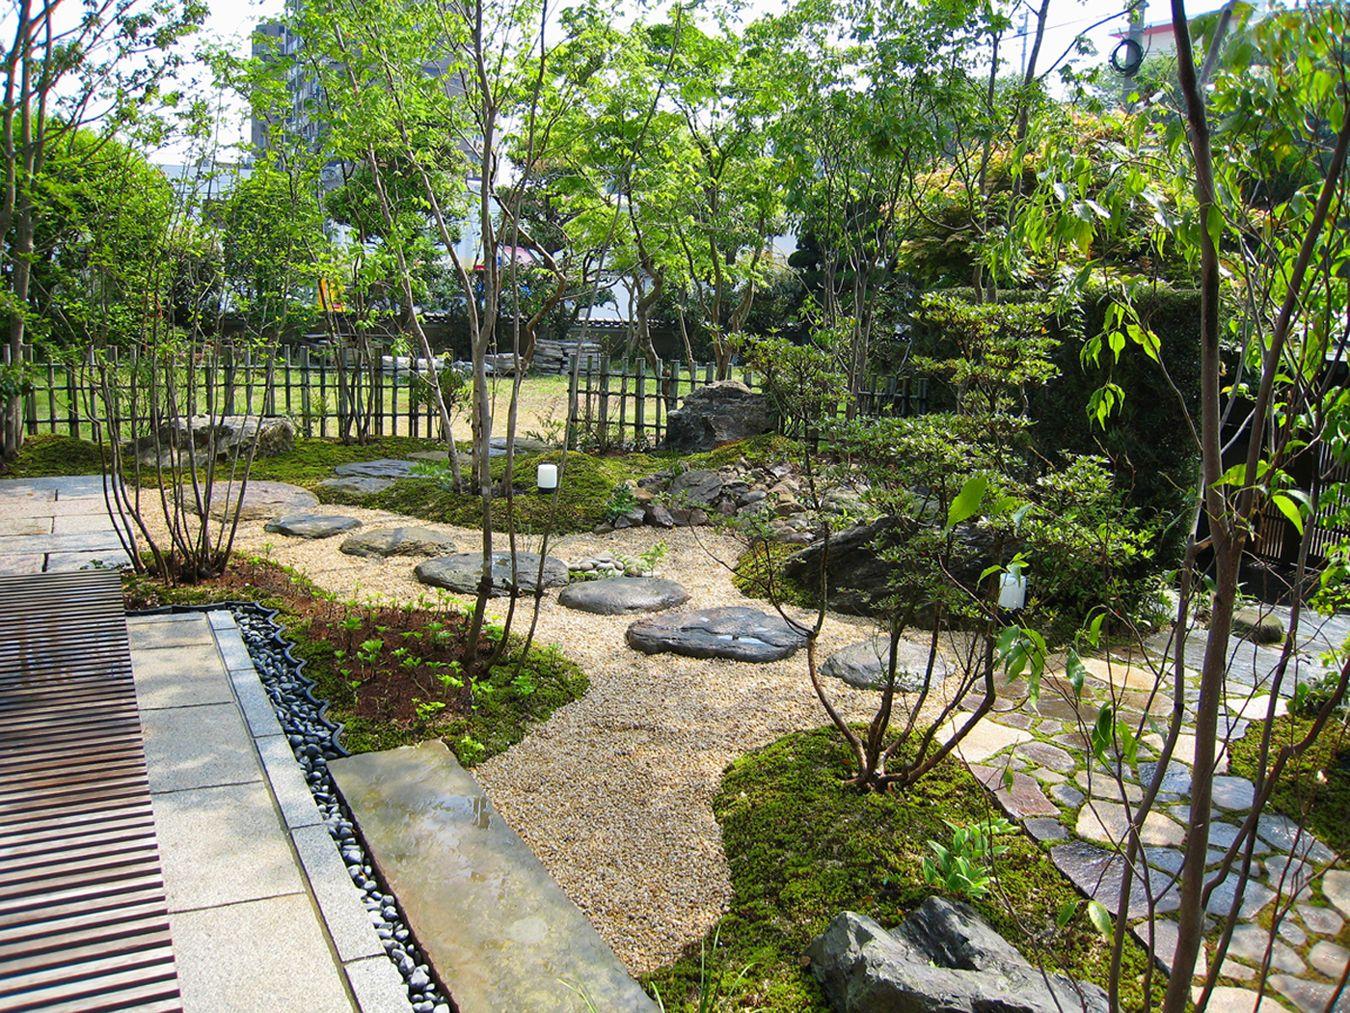 プライベートな庭園空間 誰もが憧れる理想の庭をカタチにさせていただきました 門をくぐり アプローチを進むと徐々に住まいが見えてくる 家から庭を眺めたとき 緑に囲まれ周囲の目を気にせずくつろぎの時間が過ごせる 庭 日本庭園 庭のレイアウト